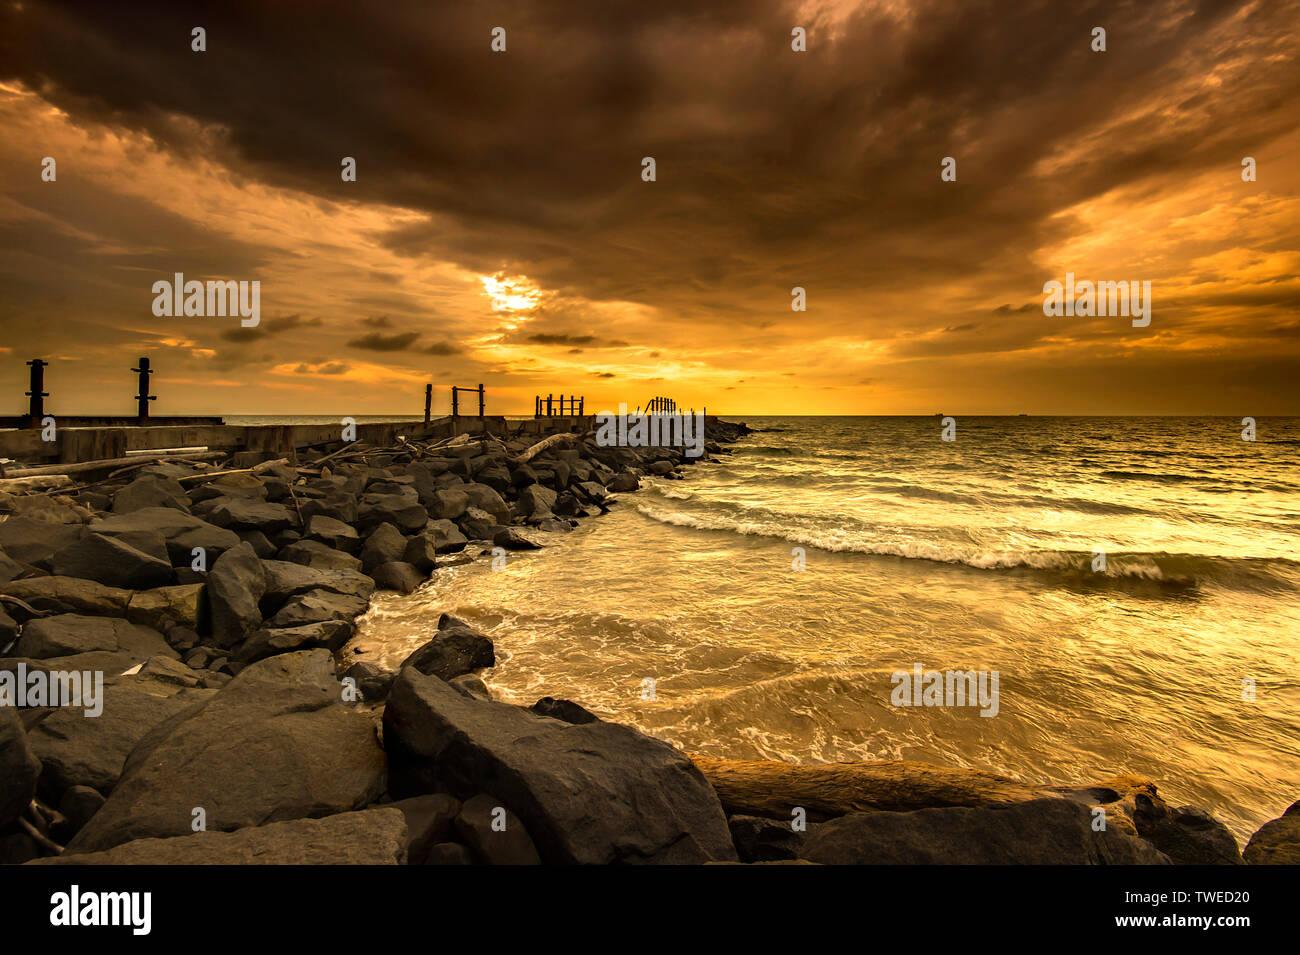 Tanjung Bungah waterfront during sunset - Stock Image